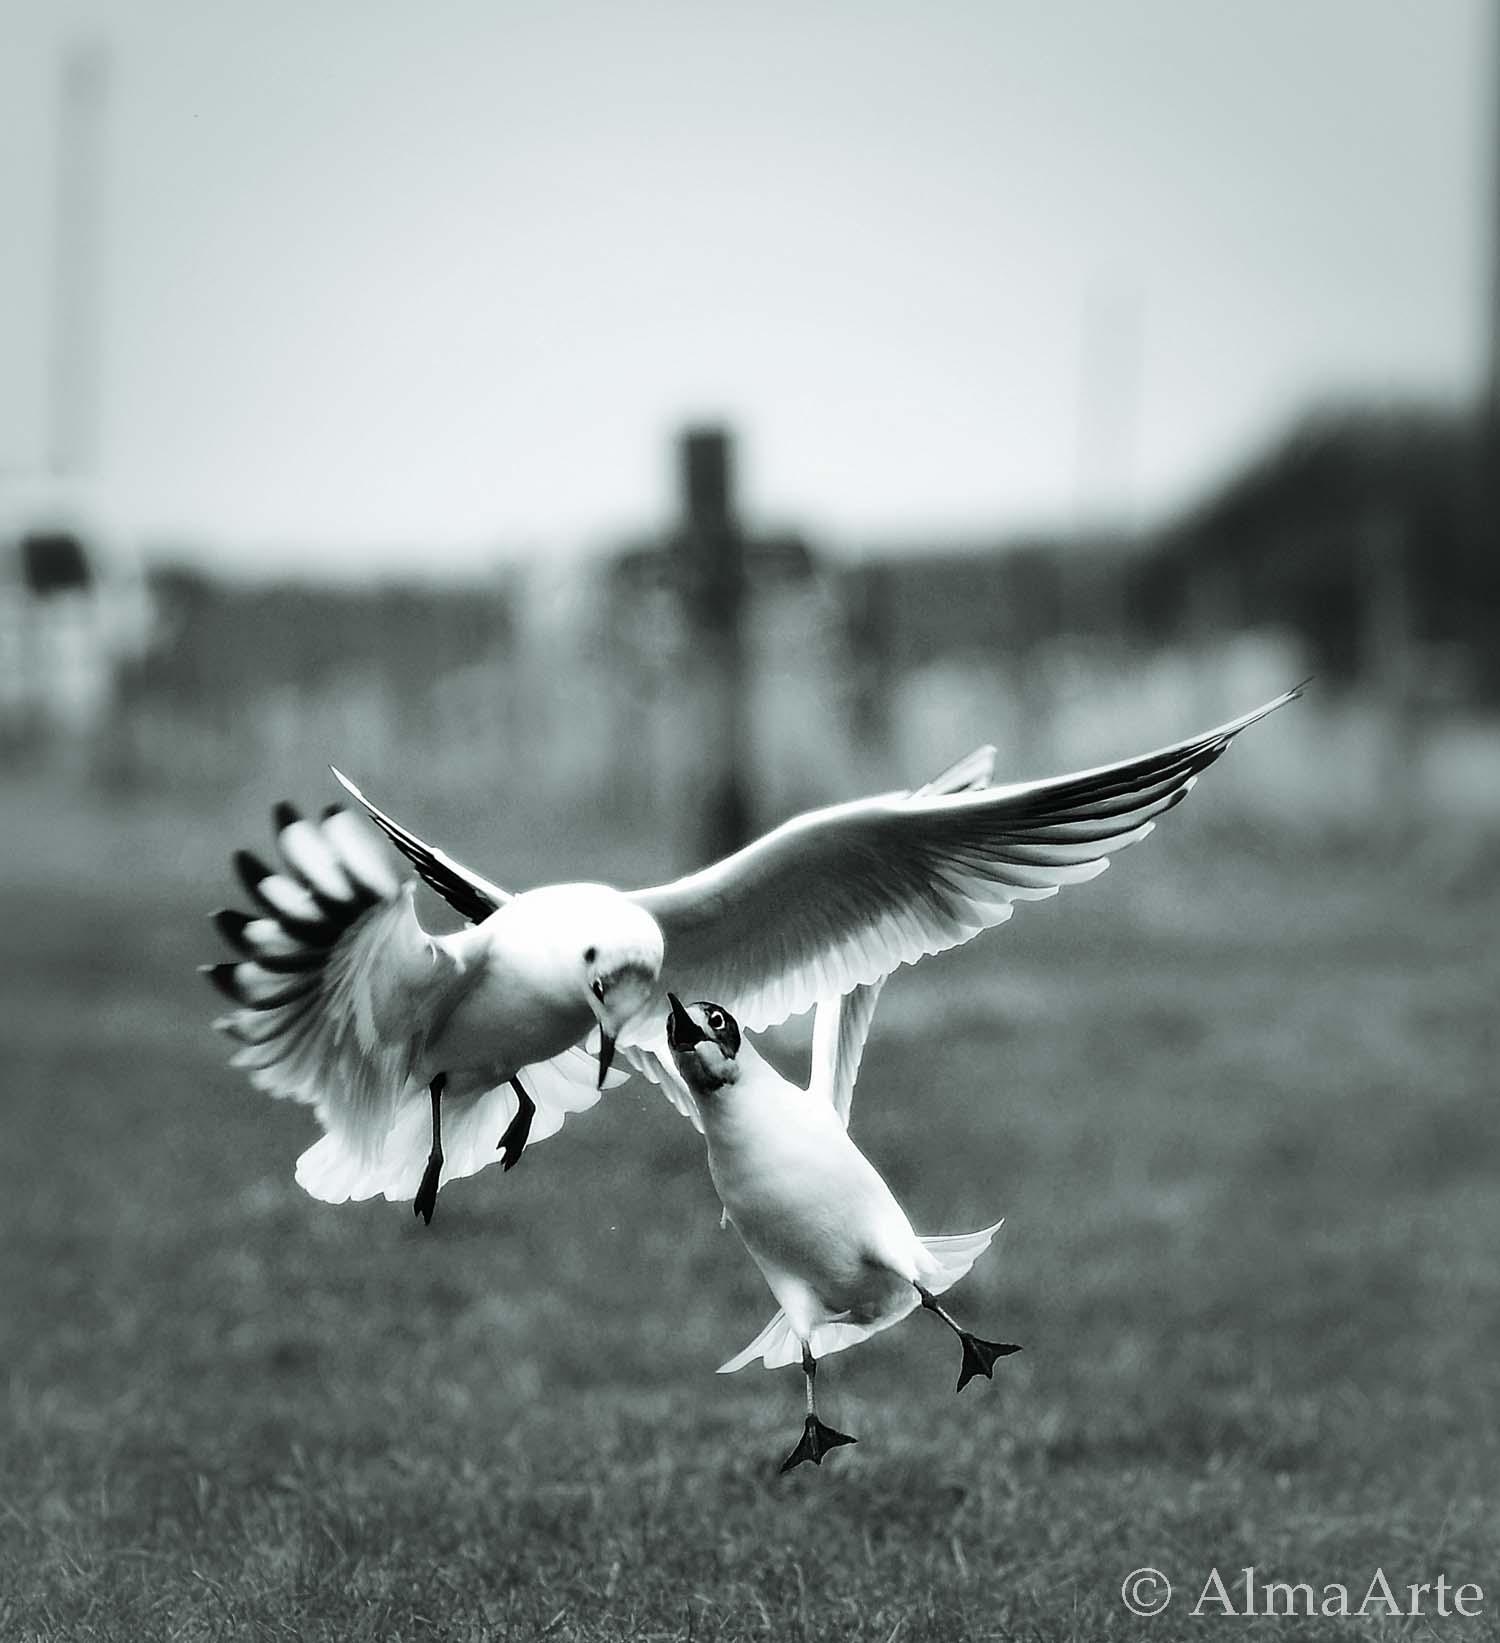 birds_secret_almaarte-2